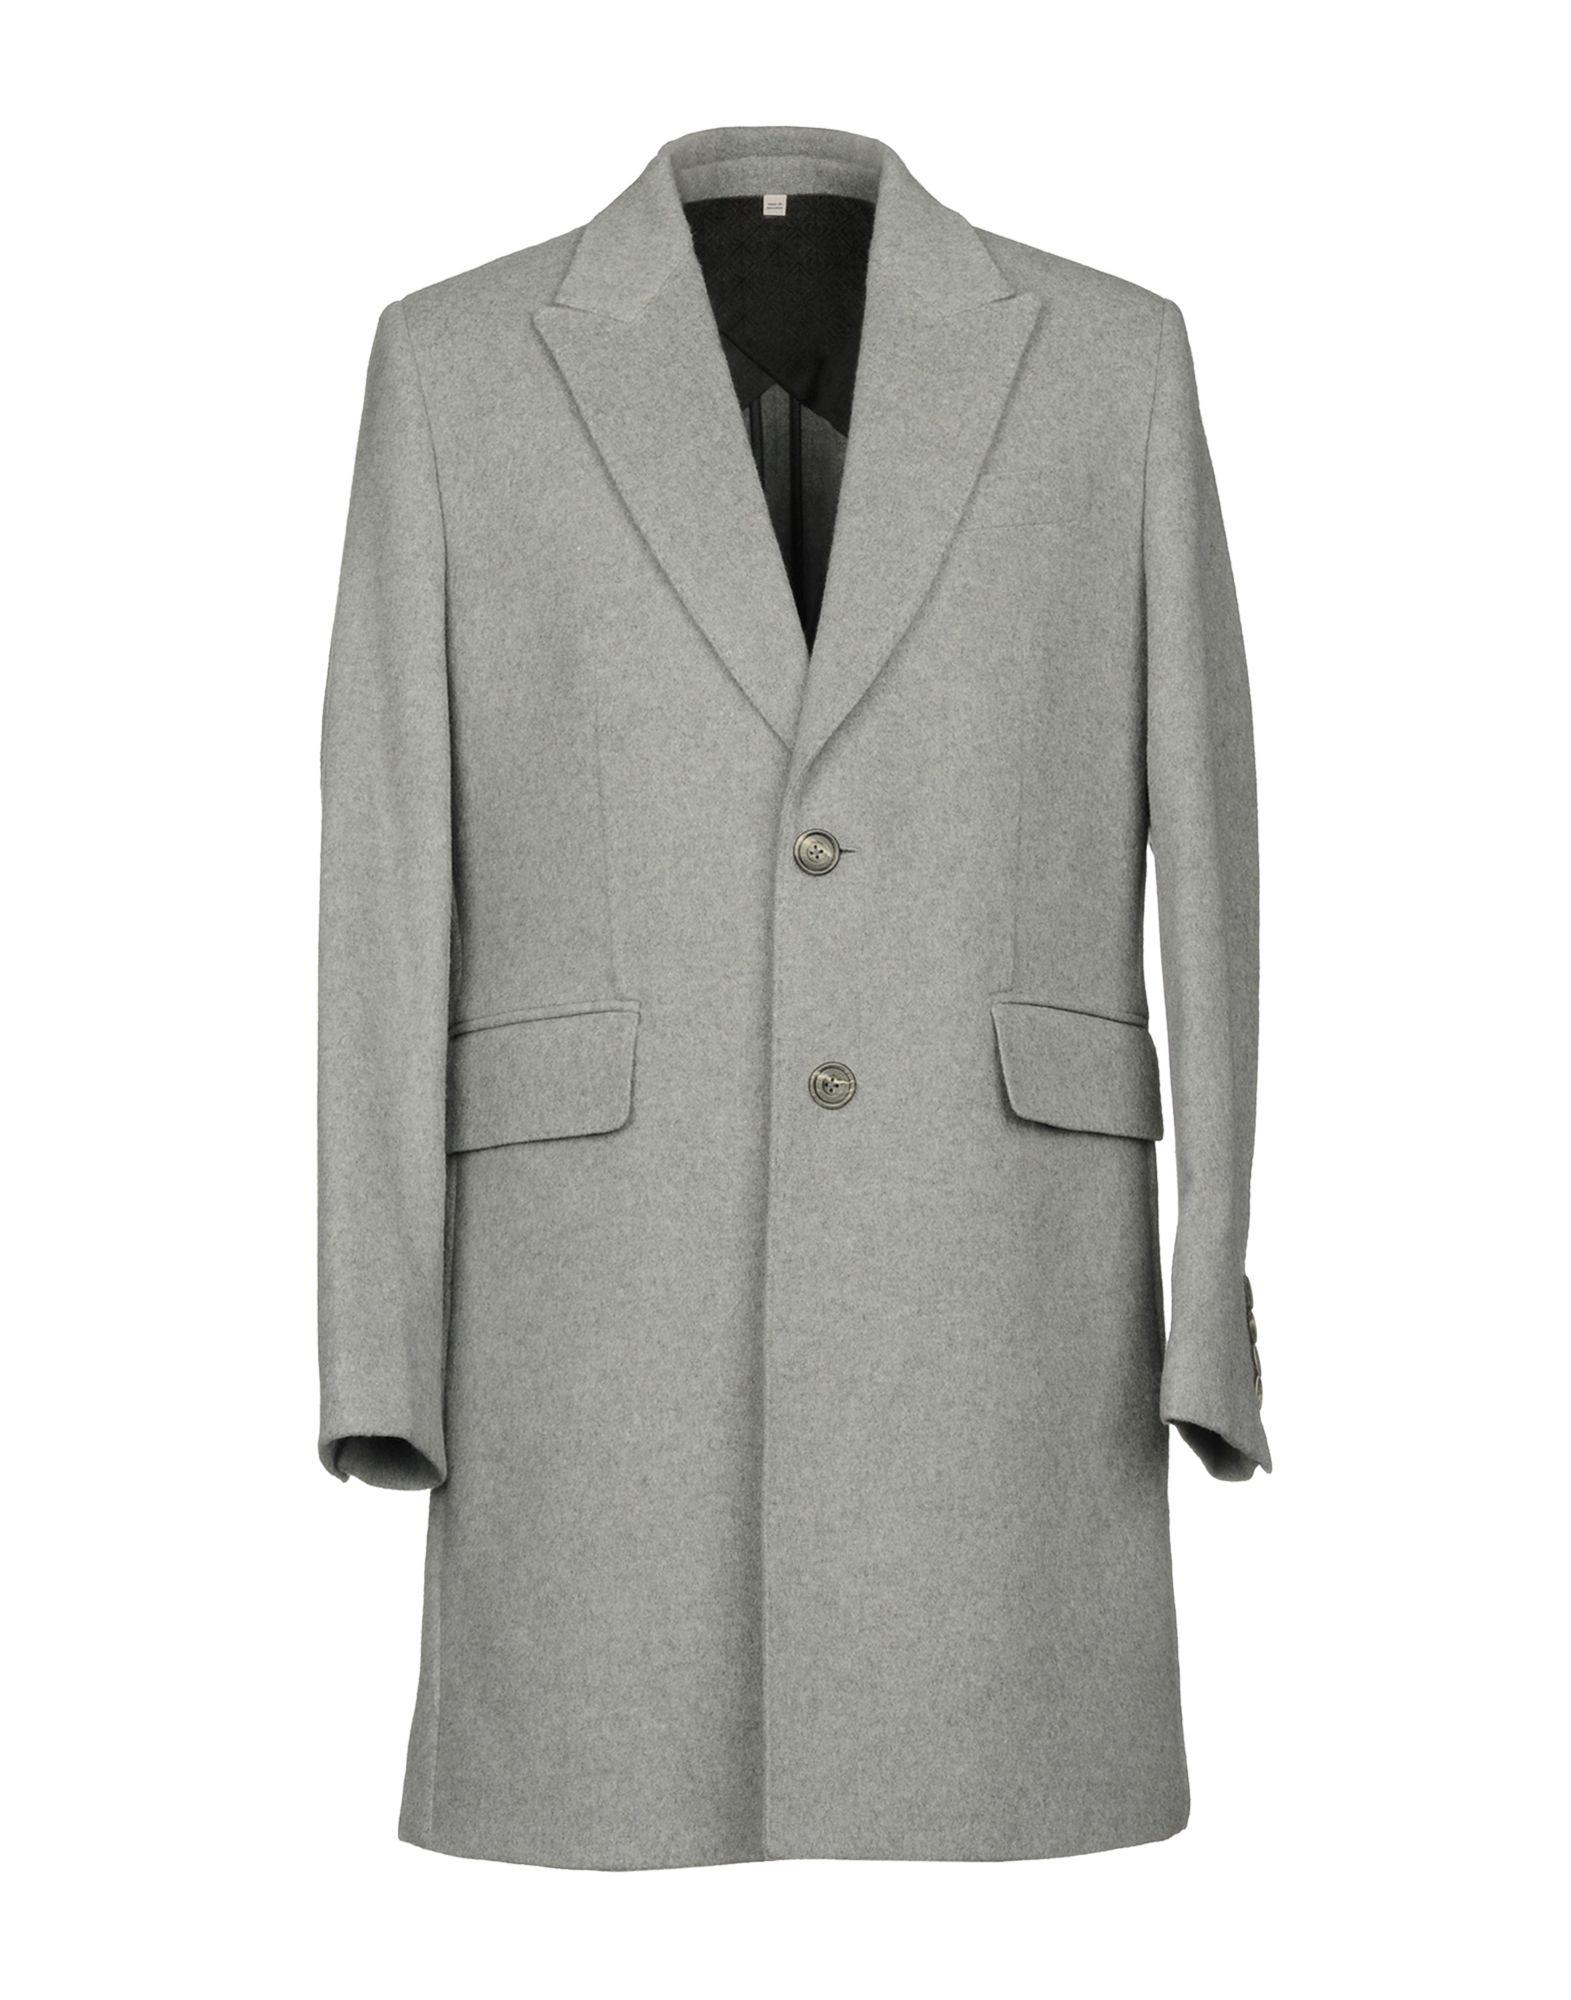 hardy amies повседневные брюки HARDY AMIES Пальто